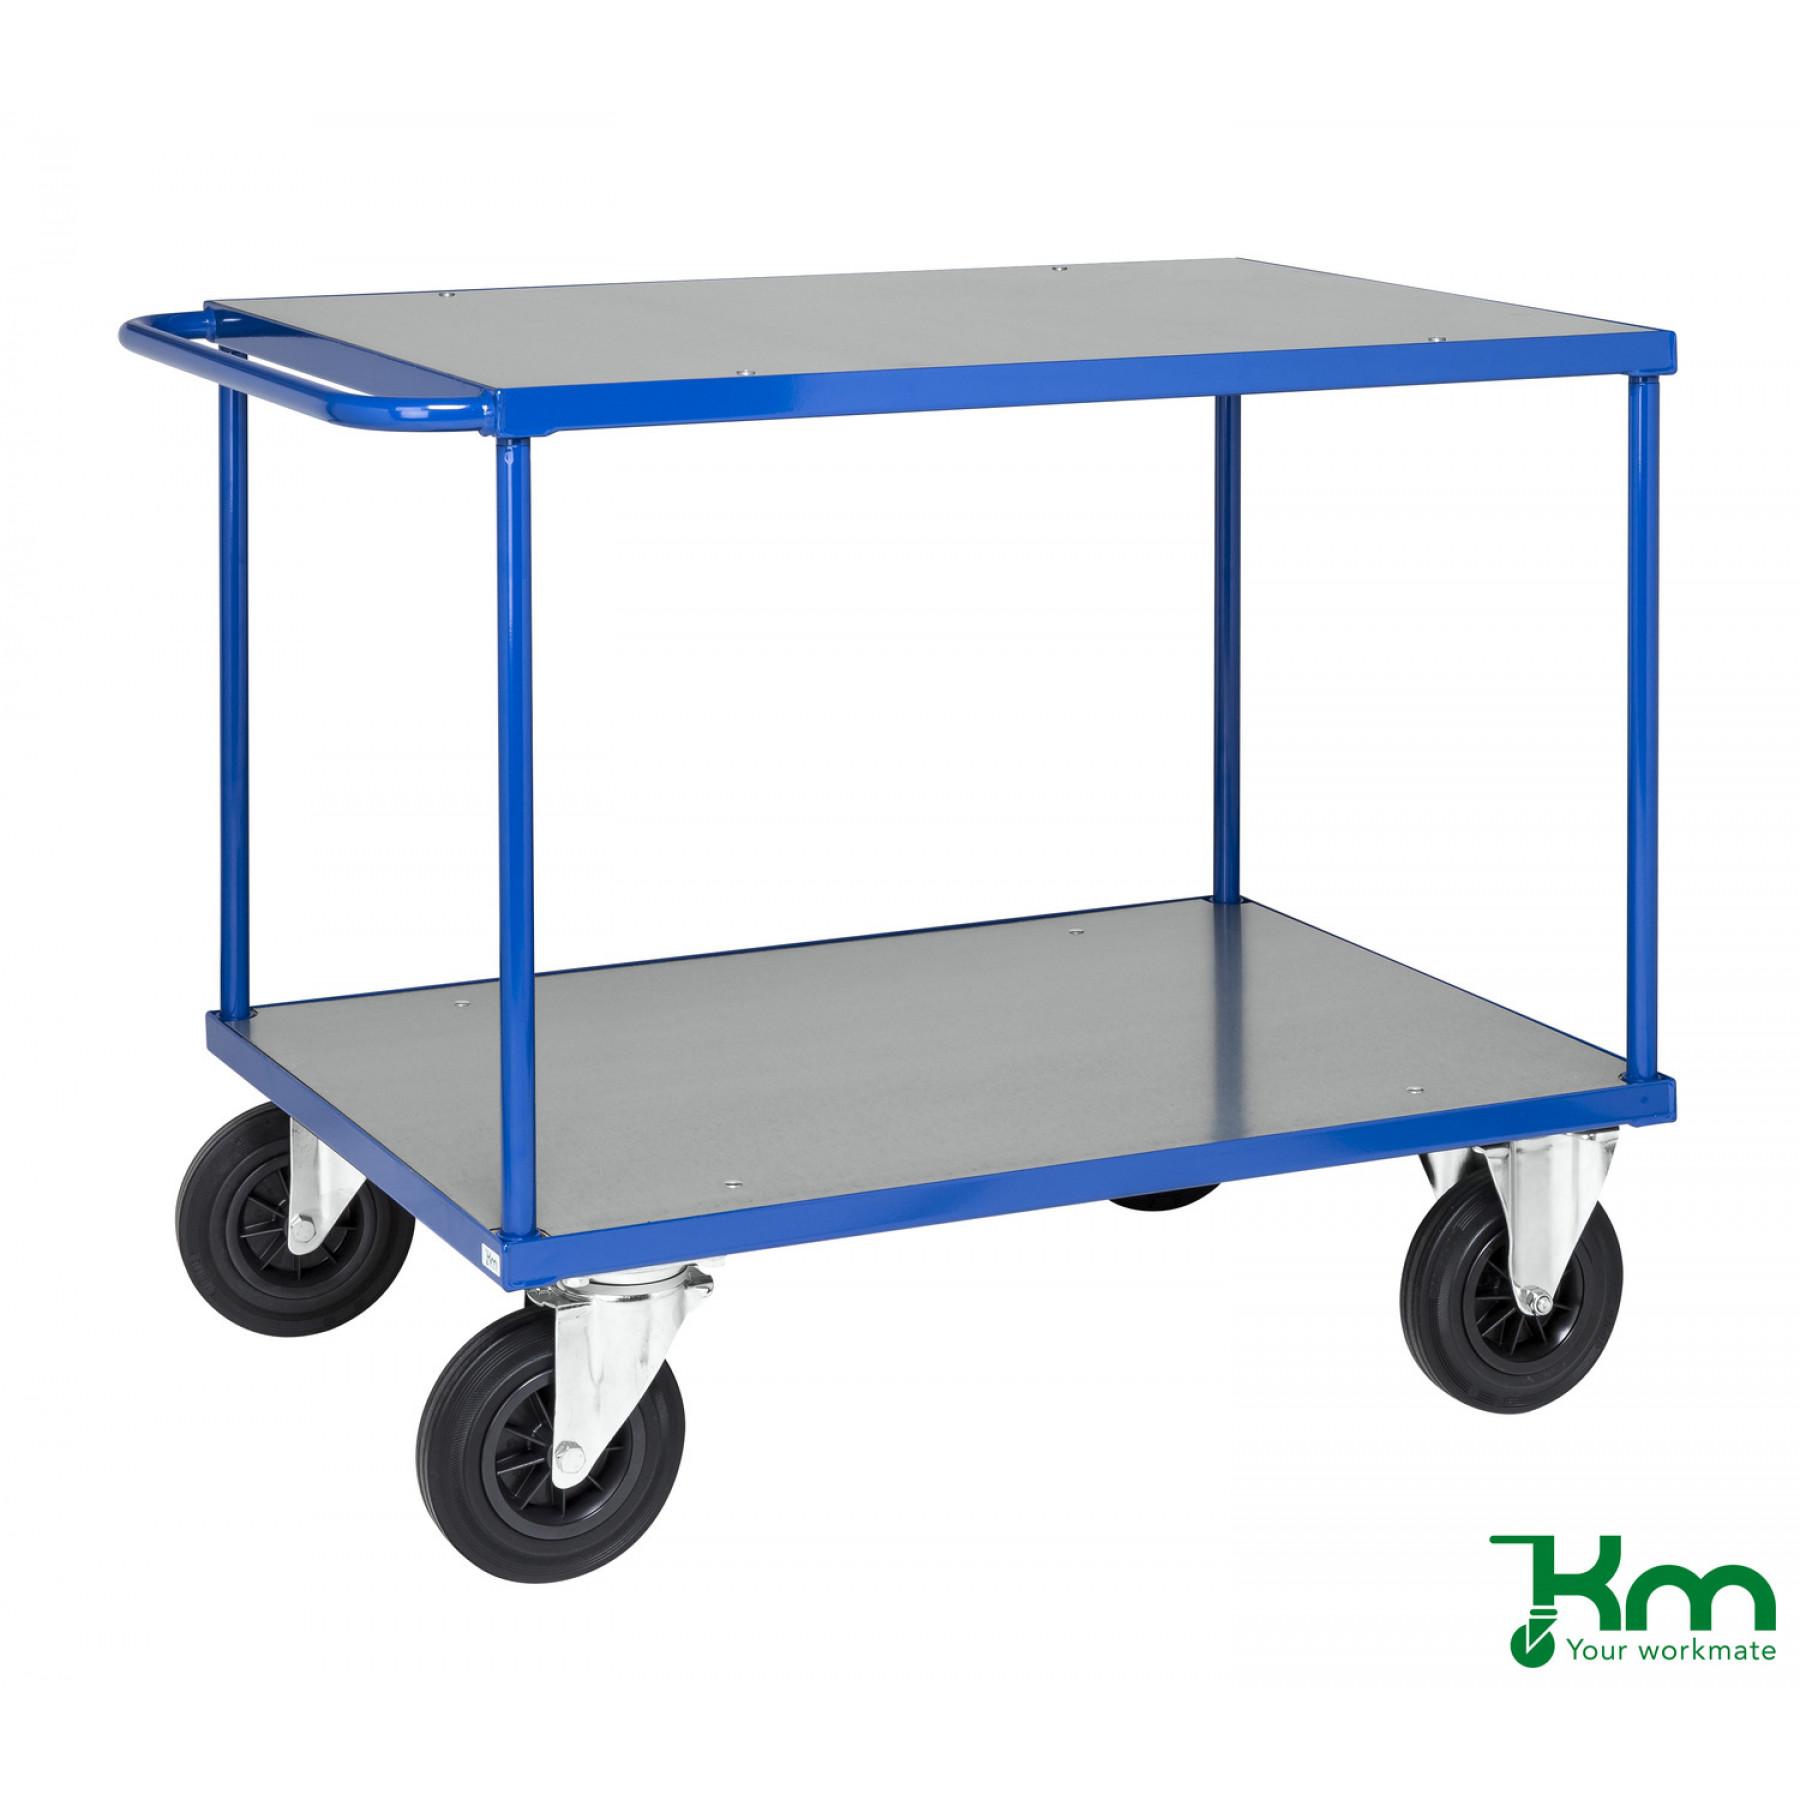 Tafelwagen 1200x800 mm, KM 437-3B